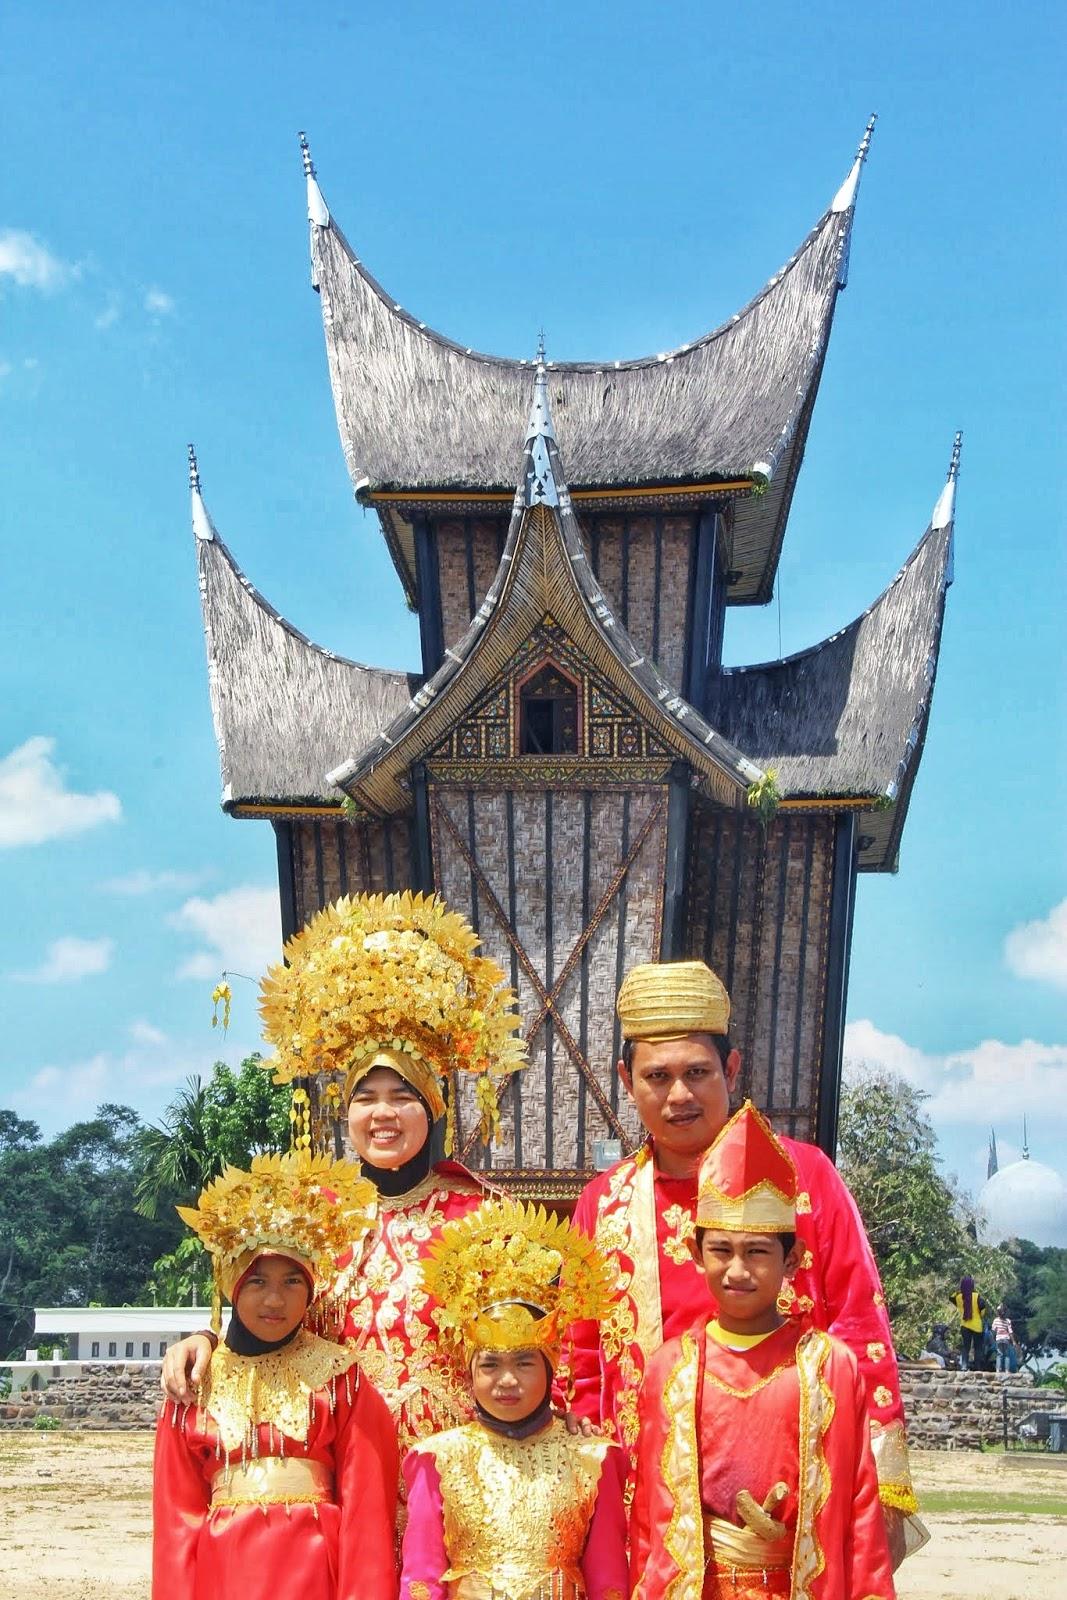 Keluarga Bahagia Bergaya Dengan Pakaian Tradisional Melayu Minang Di Istana Pagar Ruyong